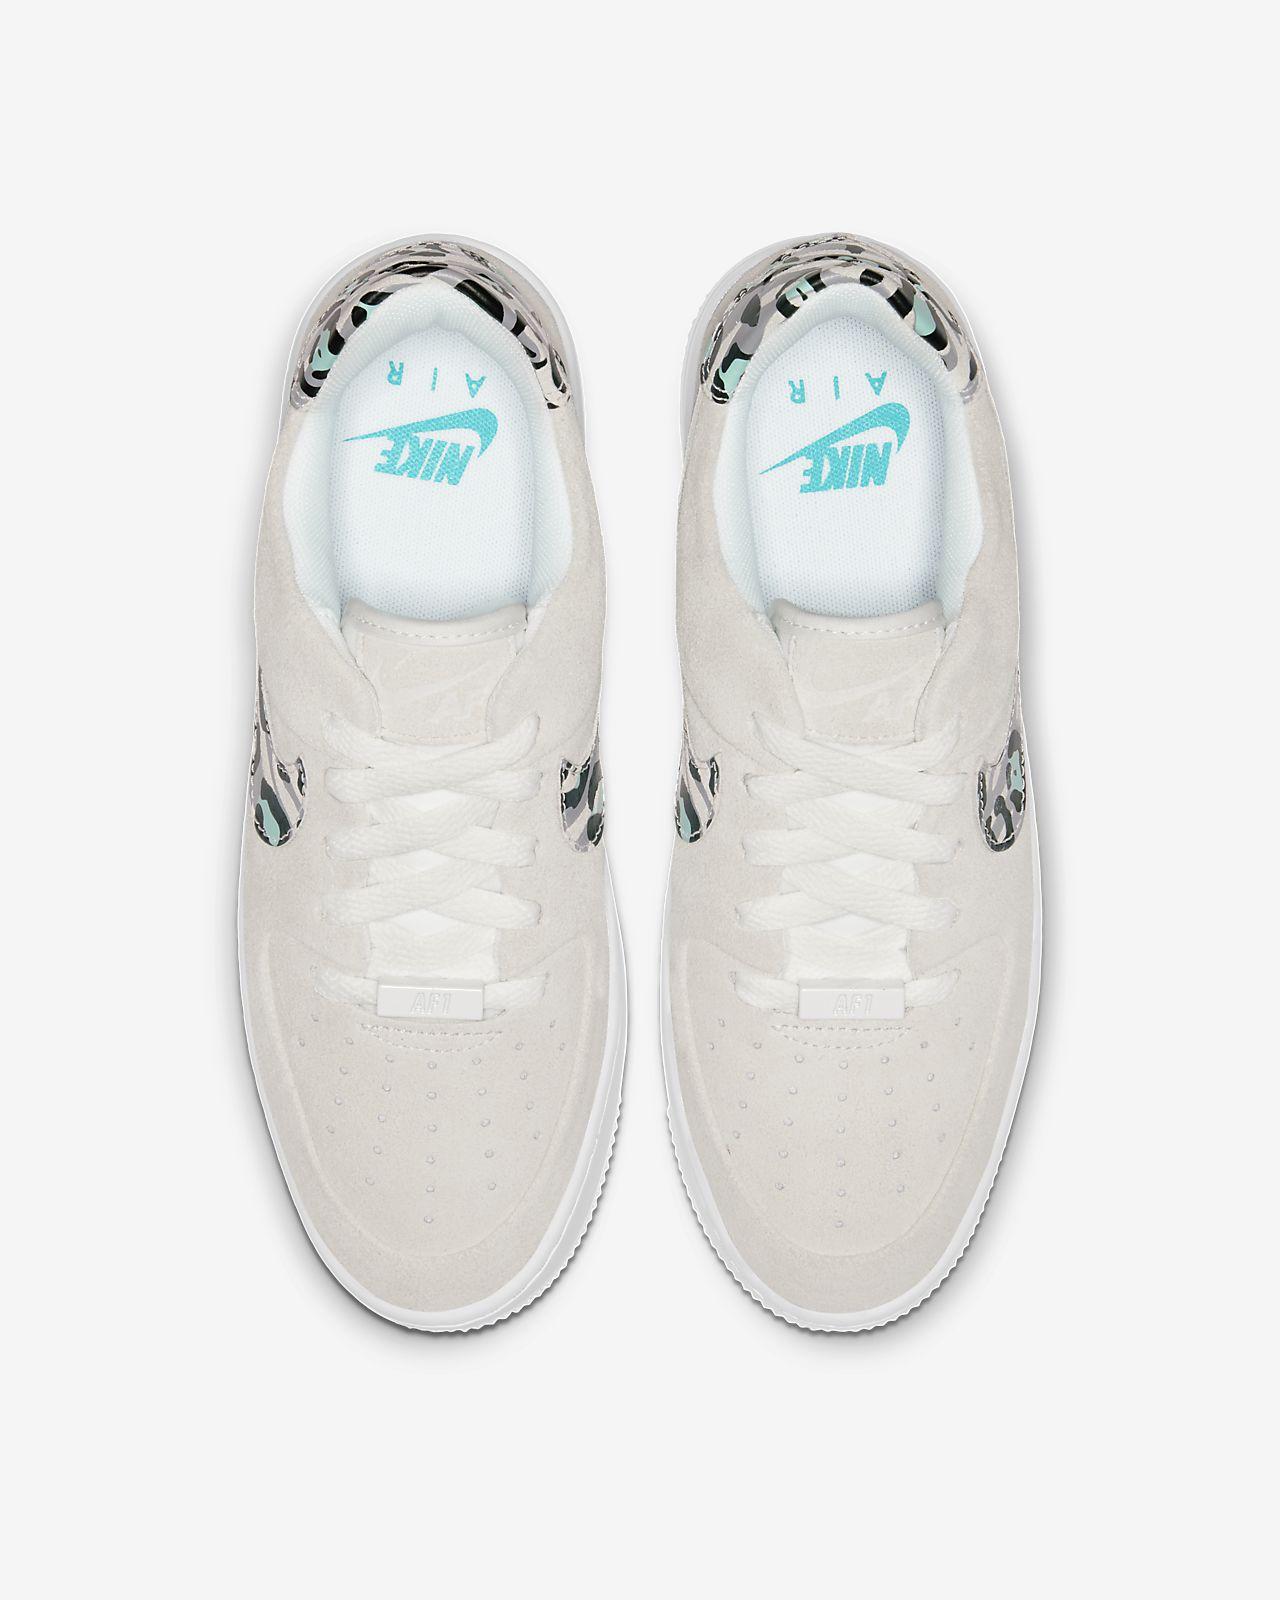 Nike Air Force 1 Sage Low Damesschoen met dierenprint